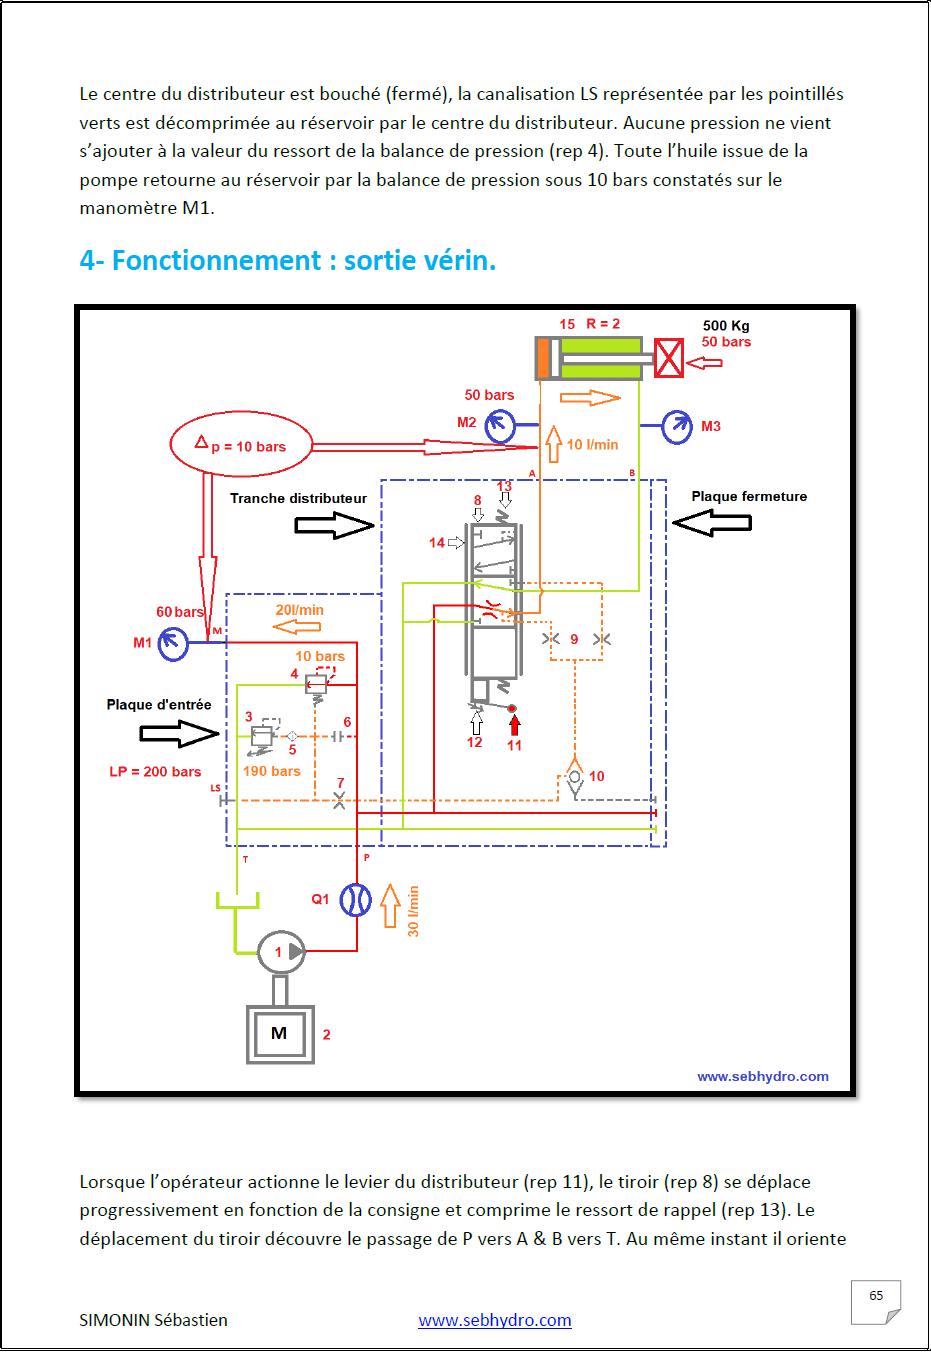 Approfondir ses connaissances en hydraulique vol 3 distributeur ls